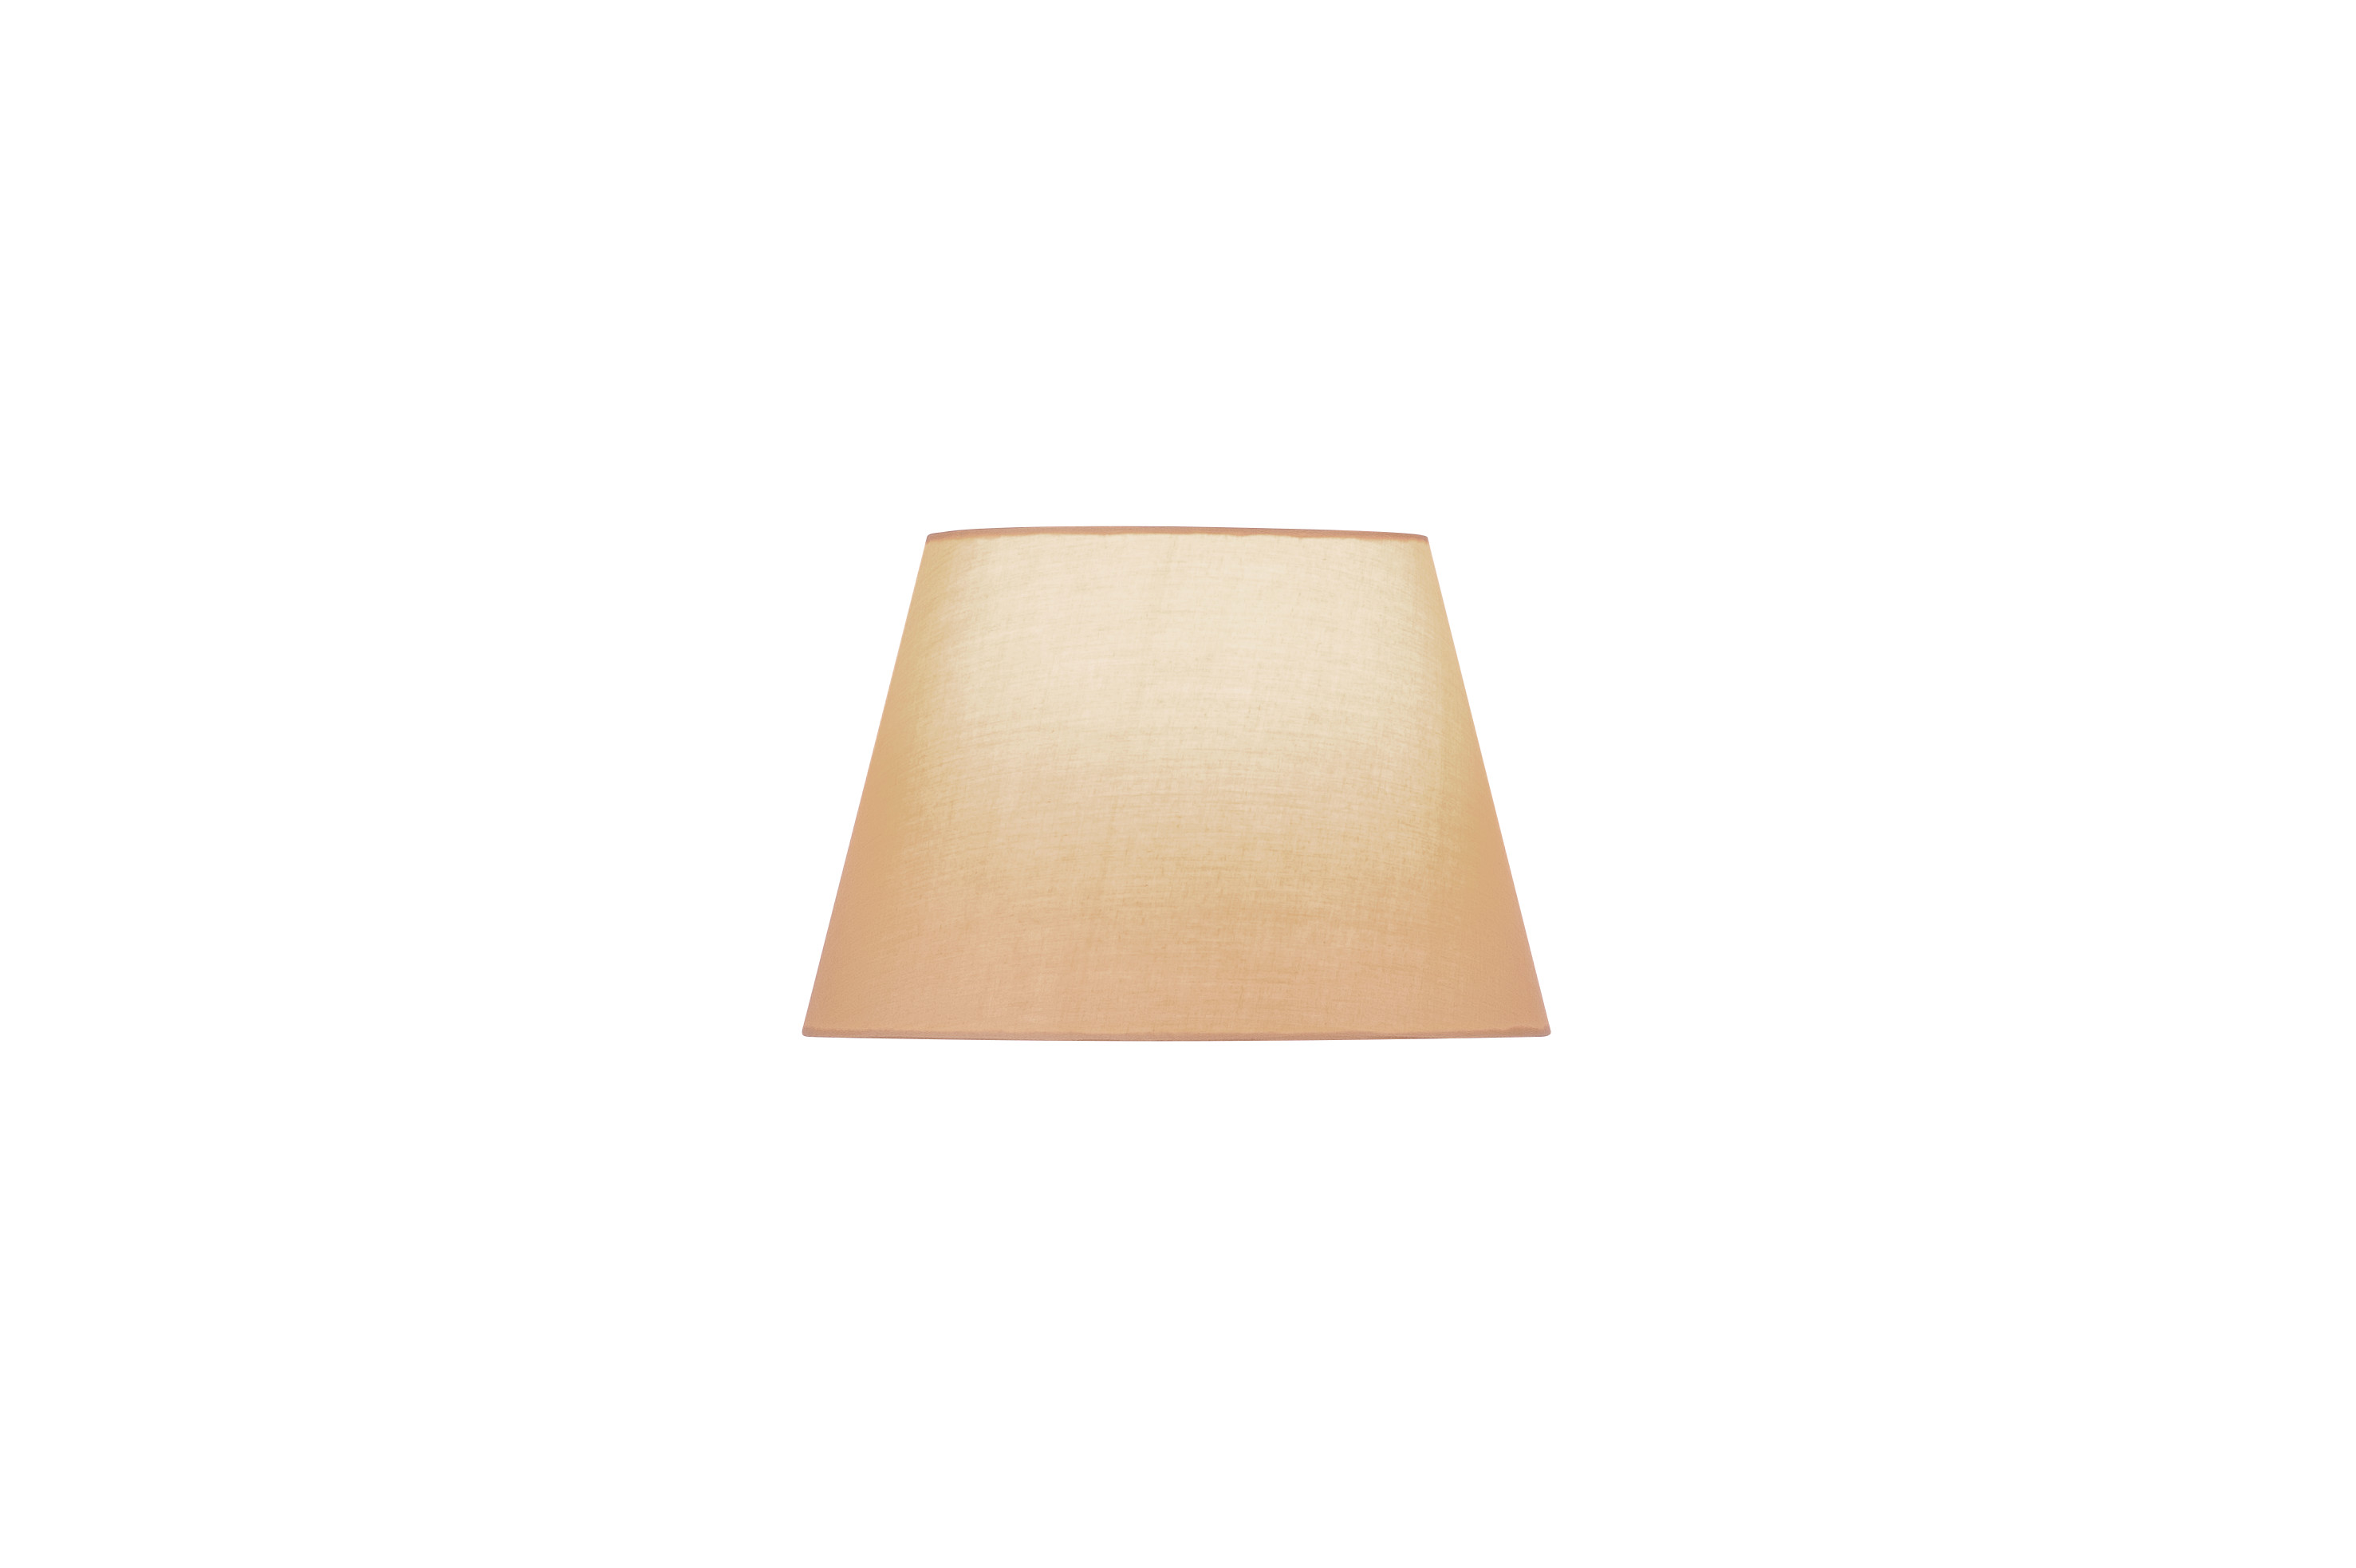 1 Stk FENDA, Leuchtenschirm, konisch, beige, Ø/H 30/20 cm LI156163--